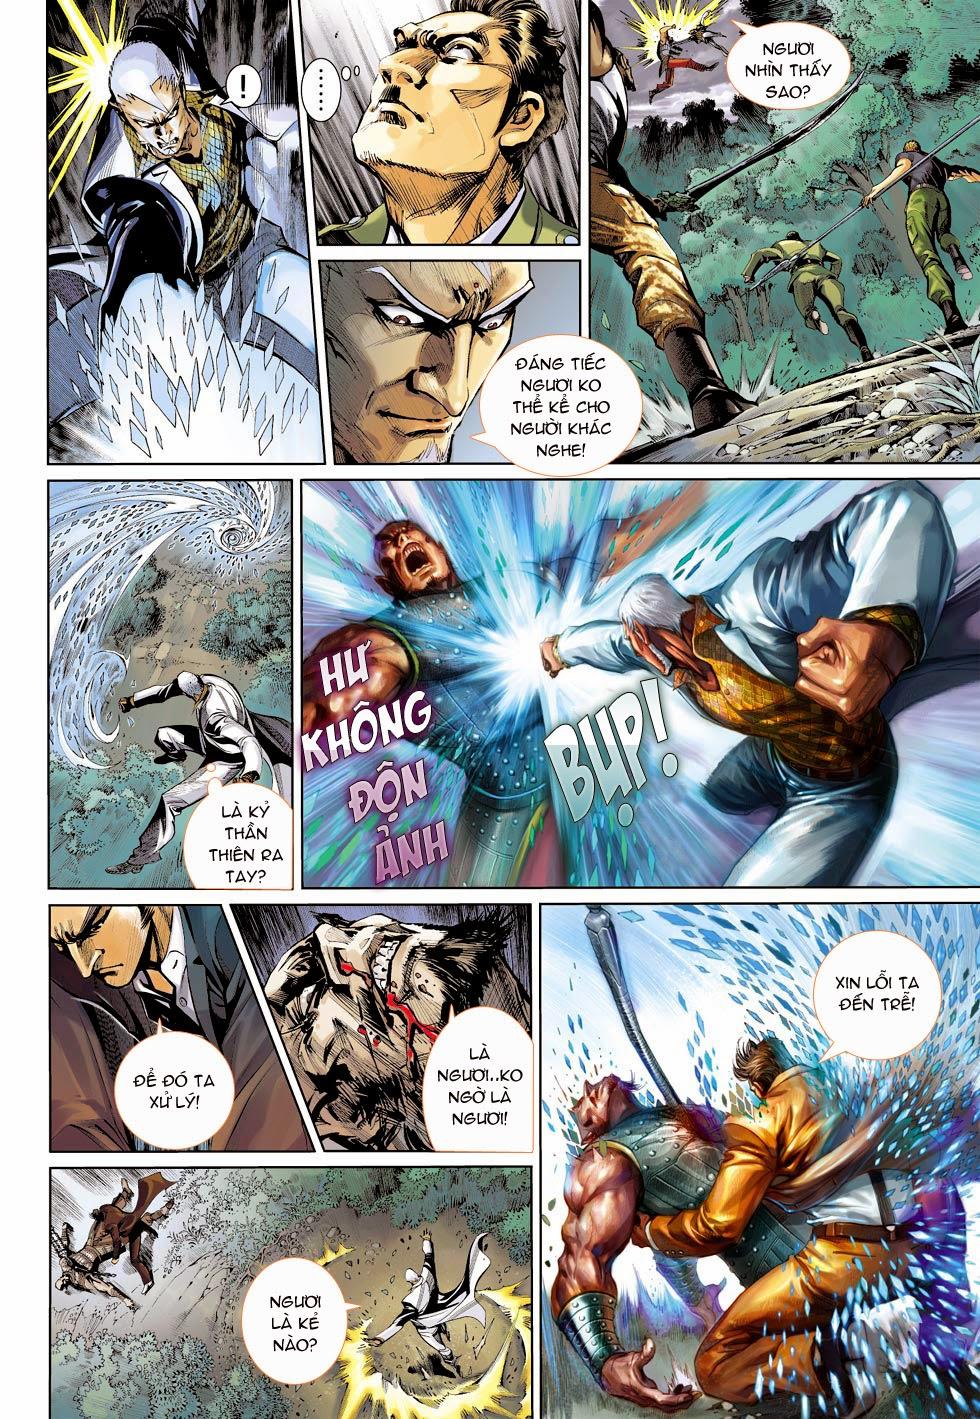 Thần Binh 4 chap 25 - Trang 28